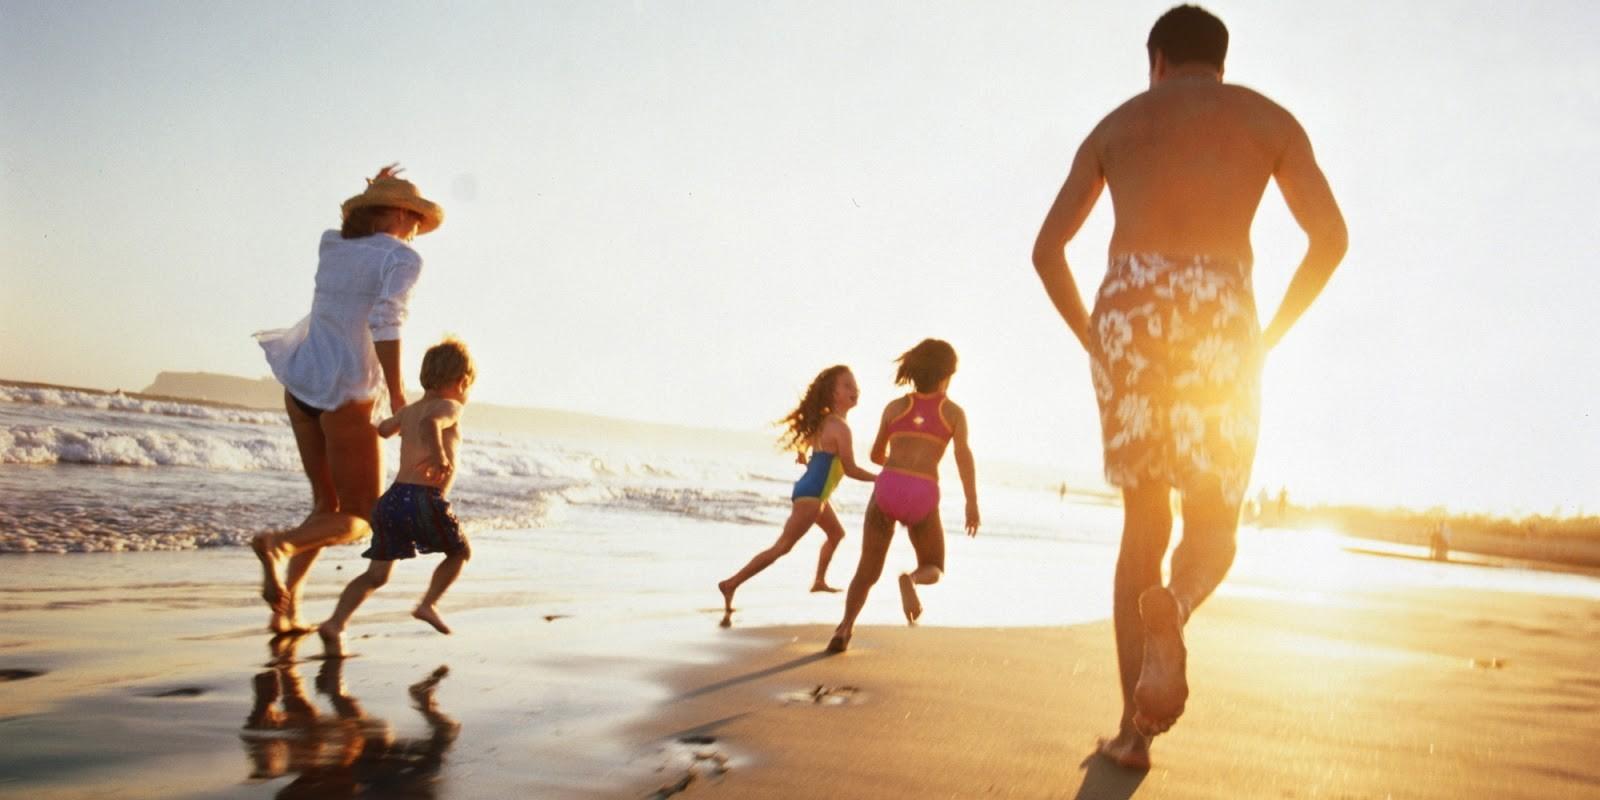 Những chuyến du lịch gia đình là dịp để mọi người gần nhau hơn